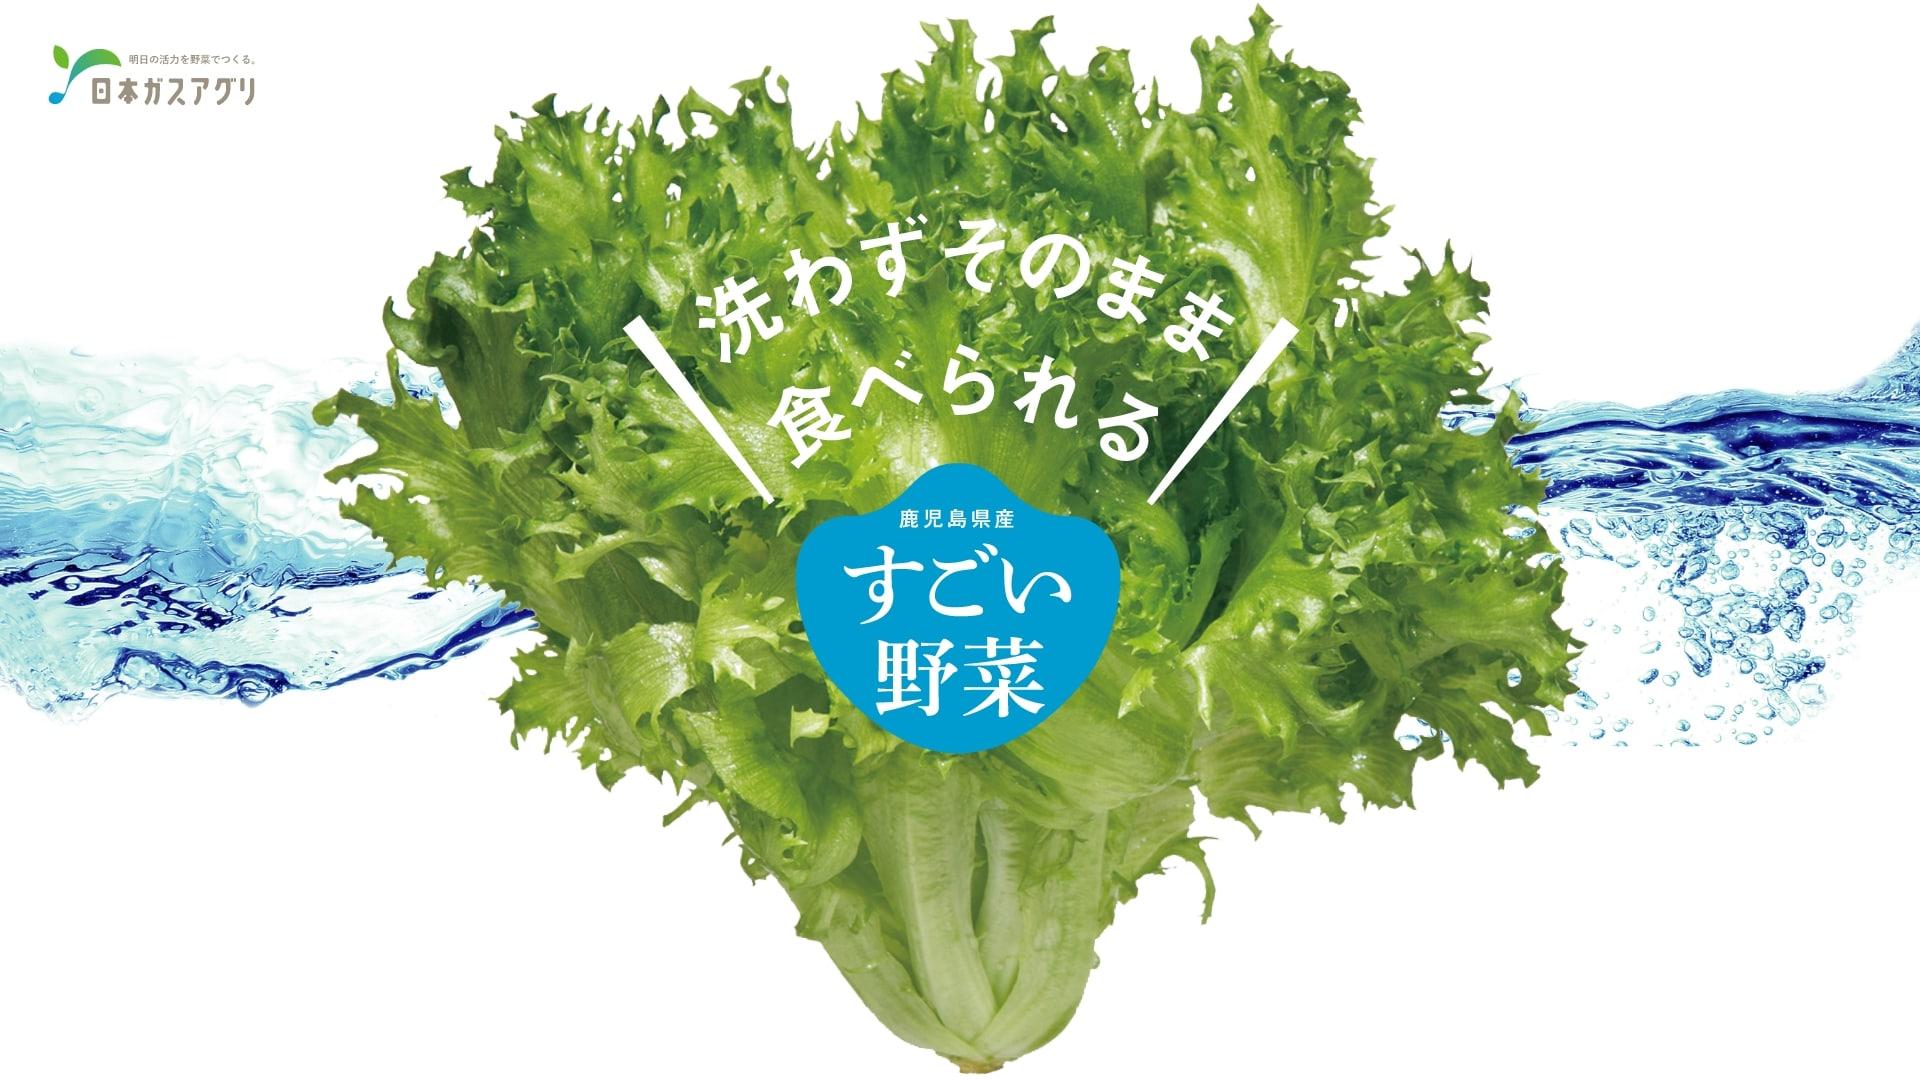 洗わずそのまま食べられる 鹿児島県産「すごい野菜」